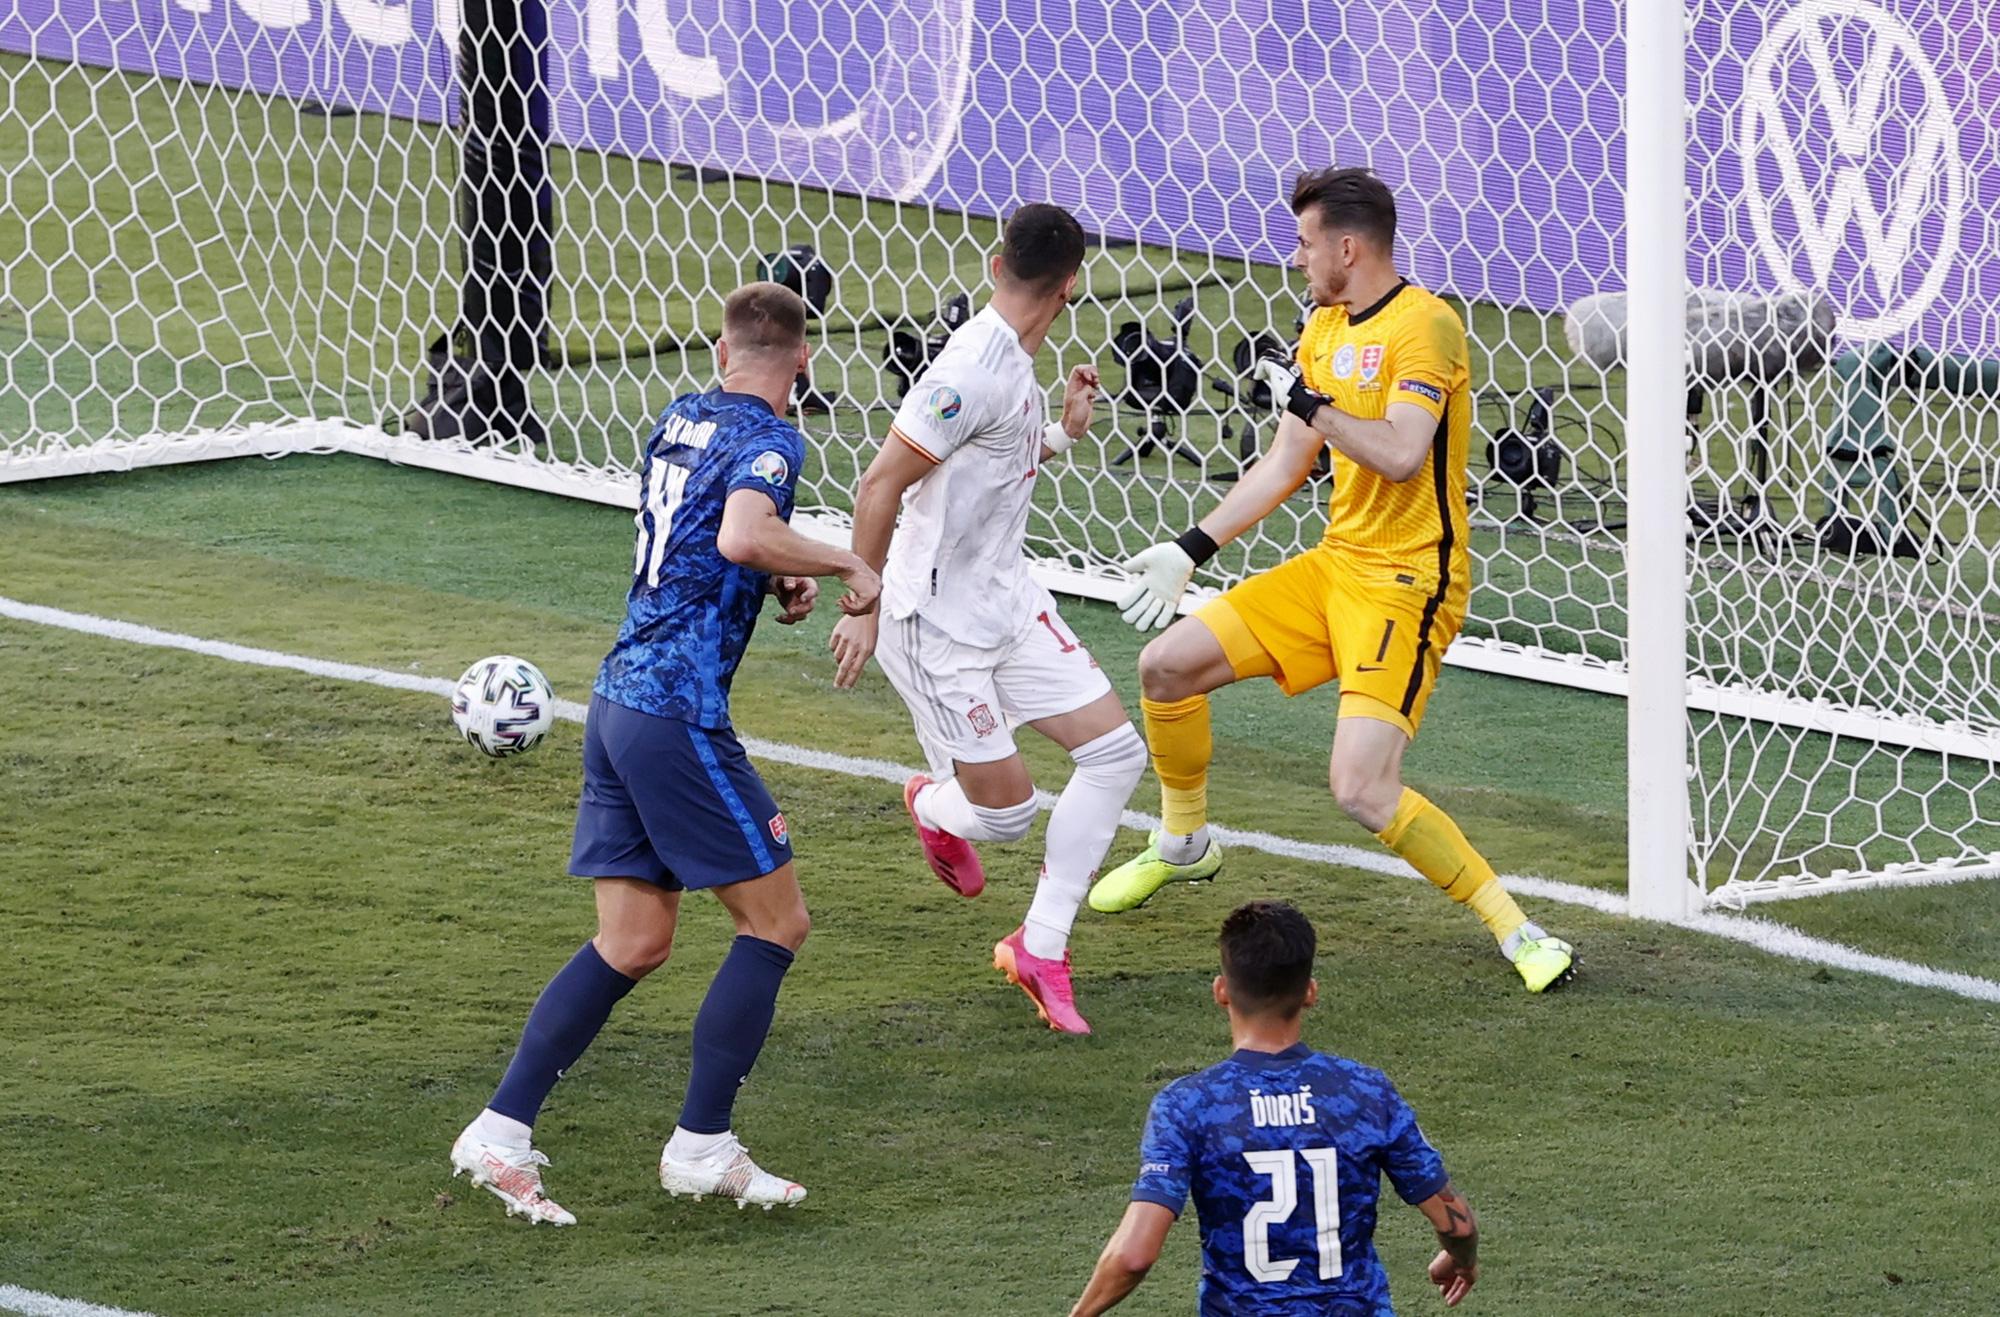 """Nhìn lại 11 tình huống """"đốt lưới nhà"""" của các cầu thủ tại Euro 2020 - Ảnh 5."""